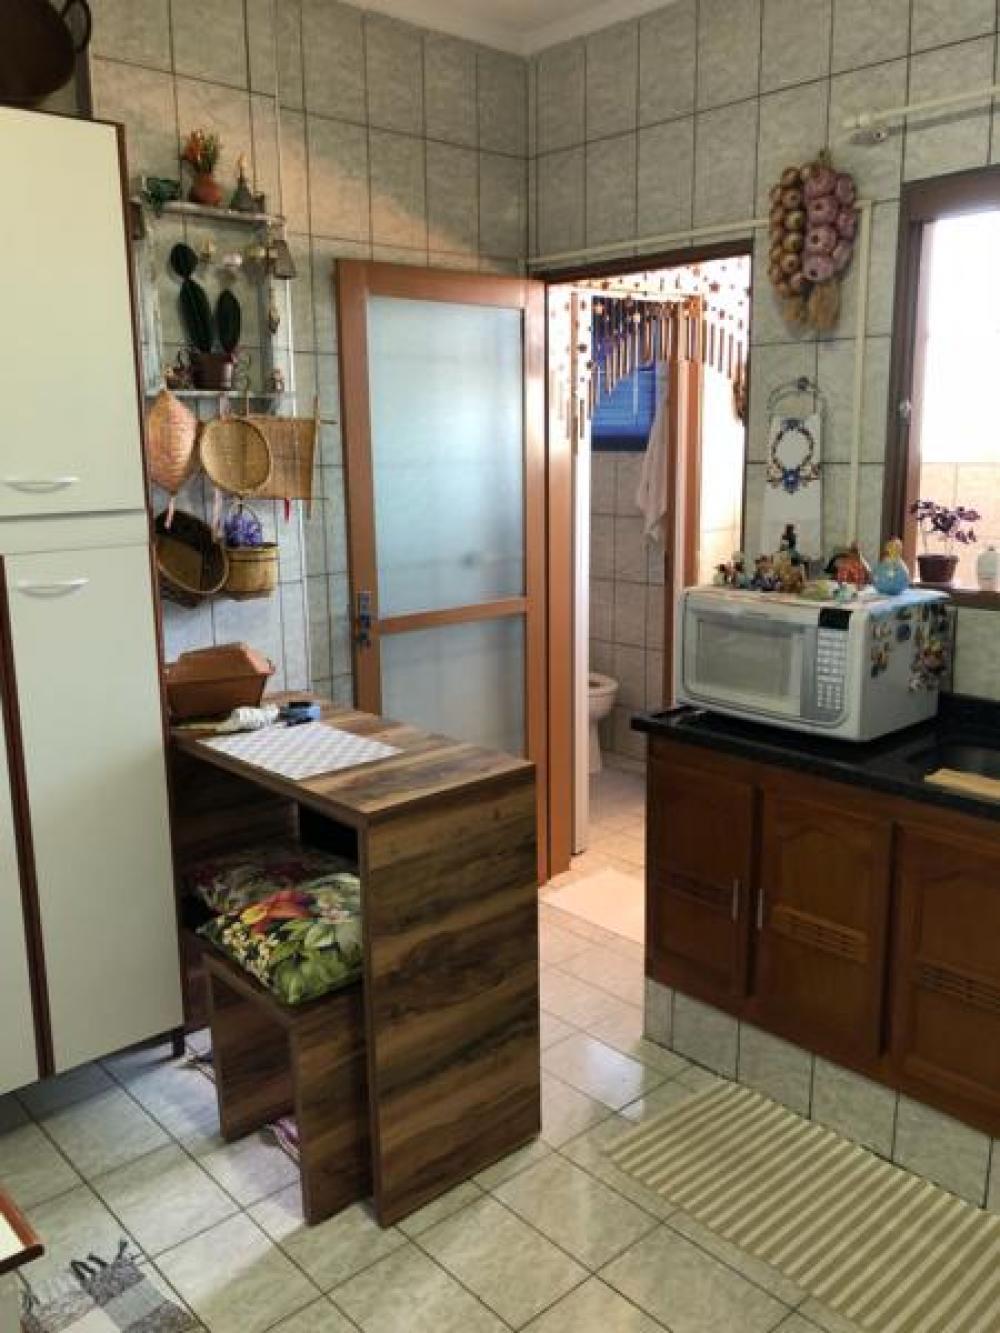 Comprar Casa / Padrão em São José do Rio Preto R$ 998.000,00 - Foto 6